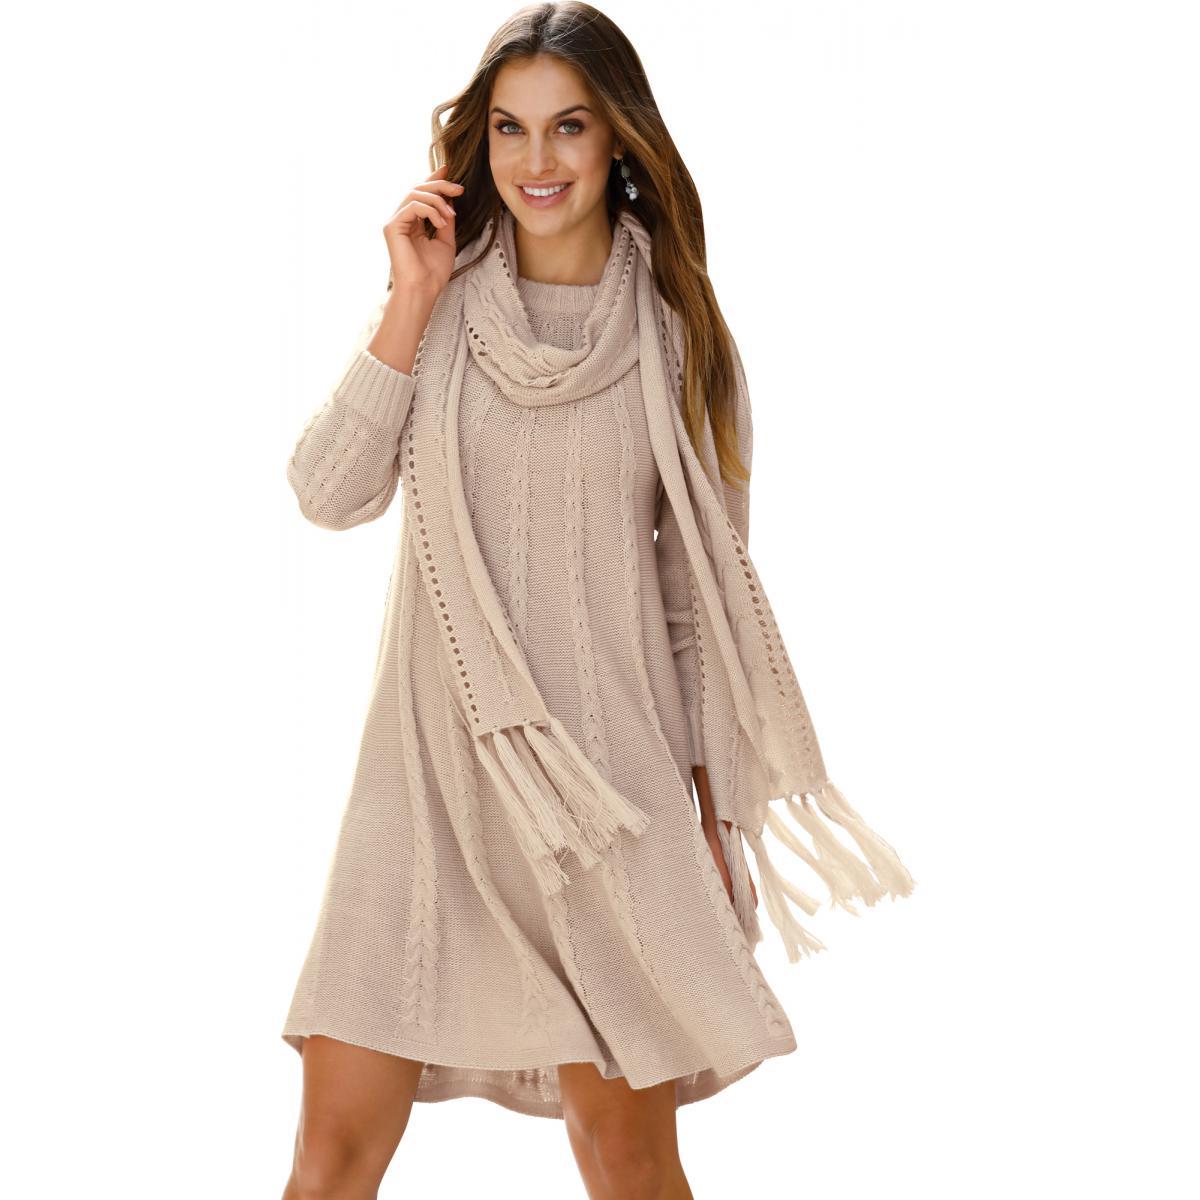 Robe en tricot tressée avec foulard